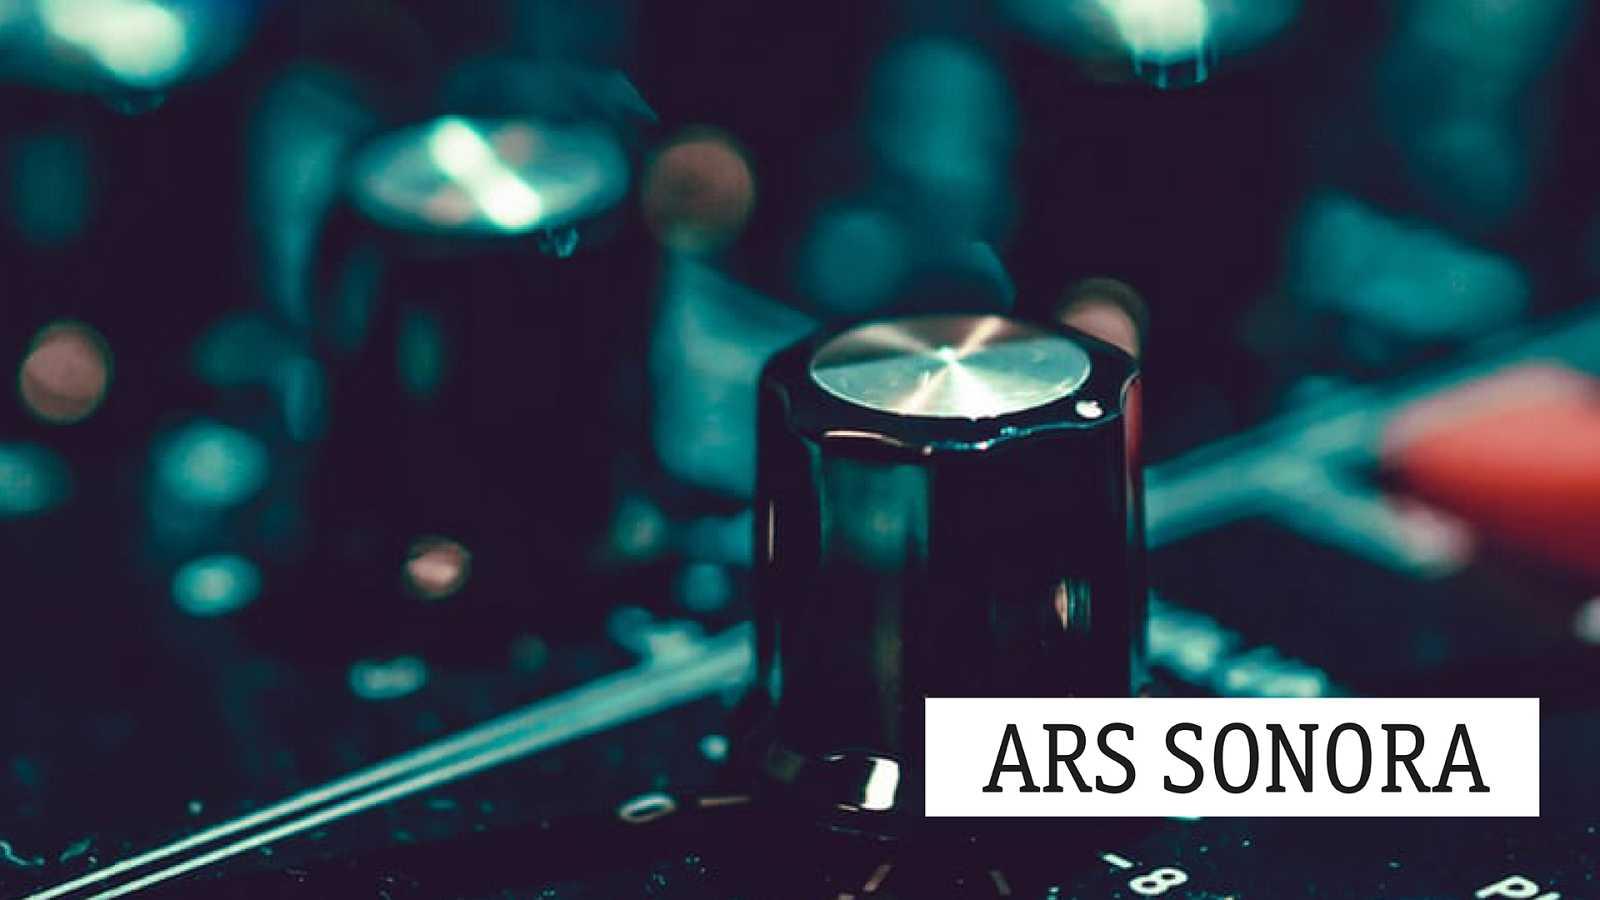 Ars sonora - Eduardo Polonio, ochenta años (IV) - 30/01/21 - escuchar ahora